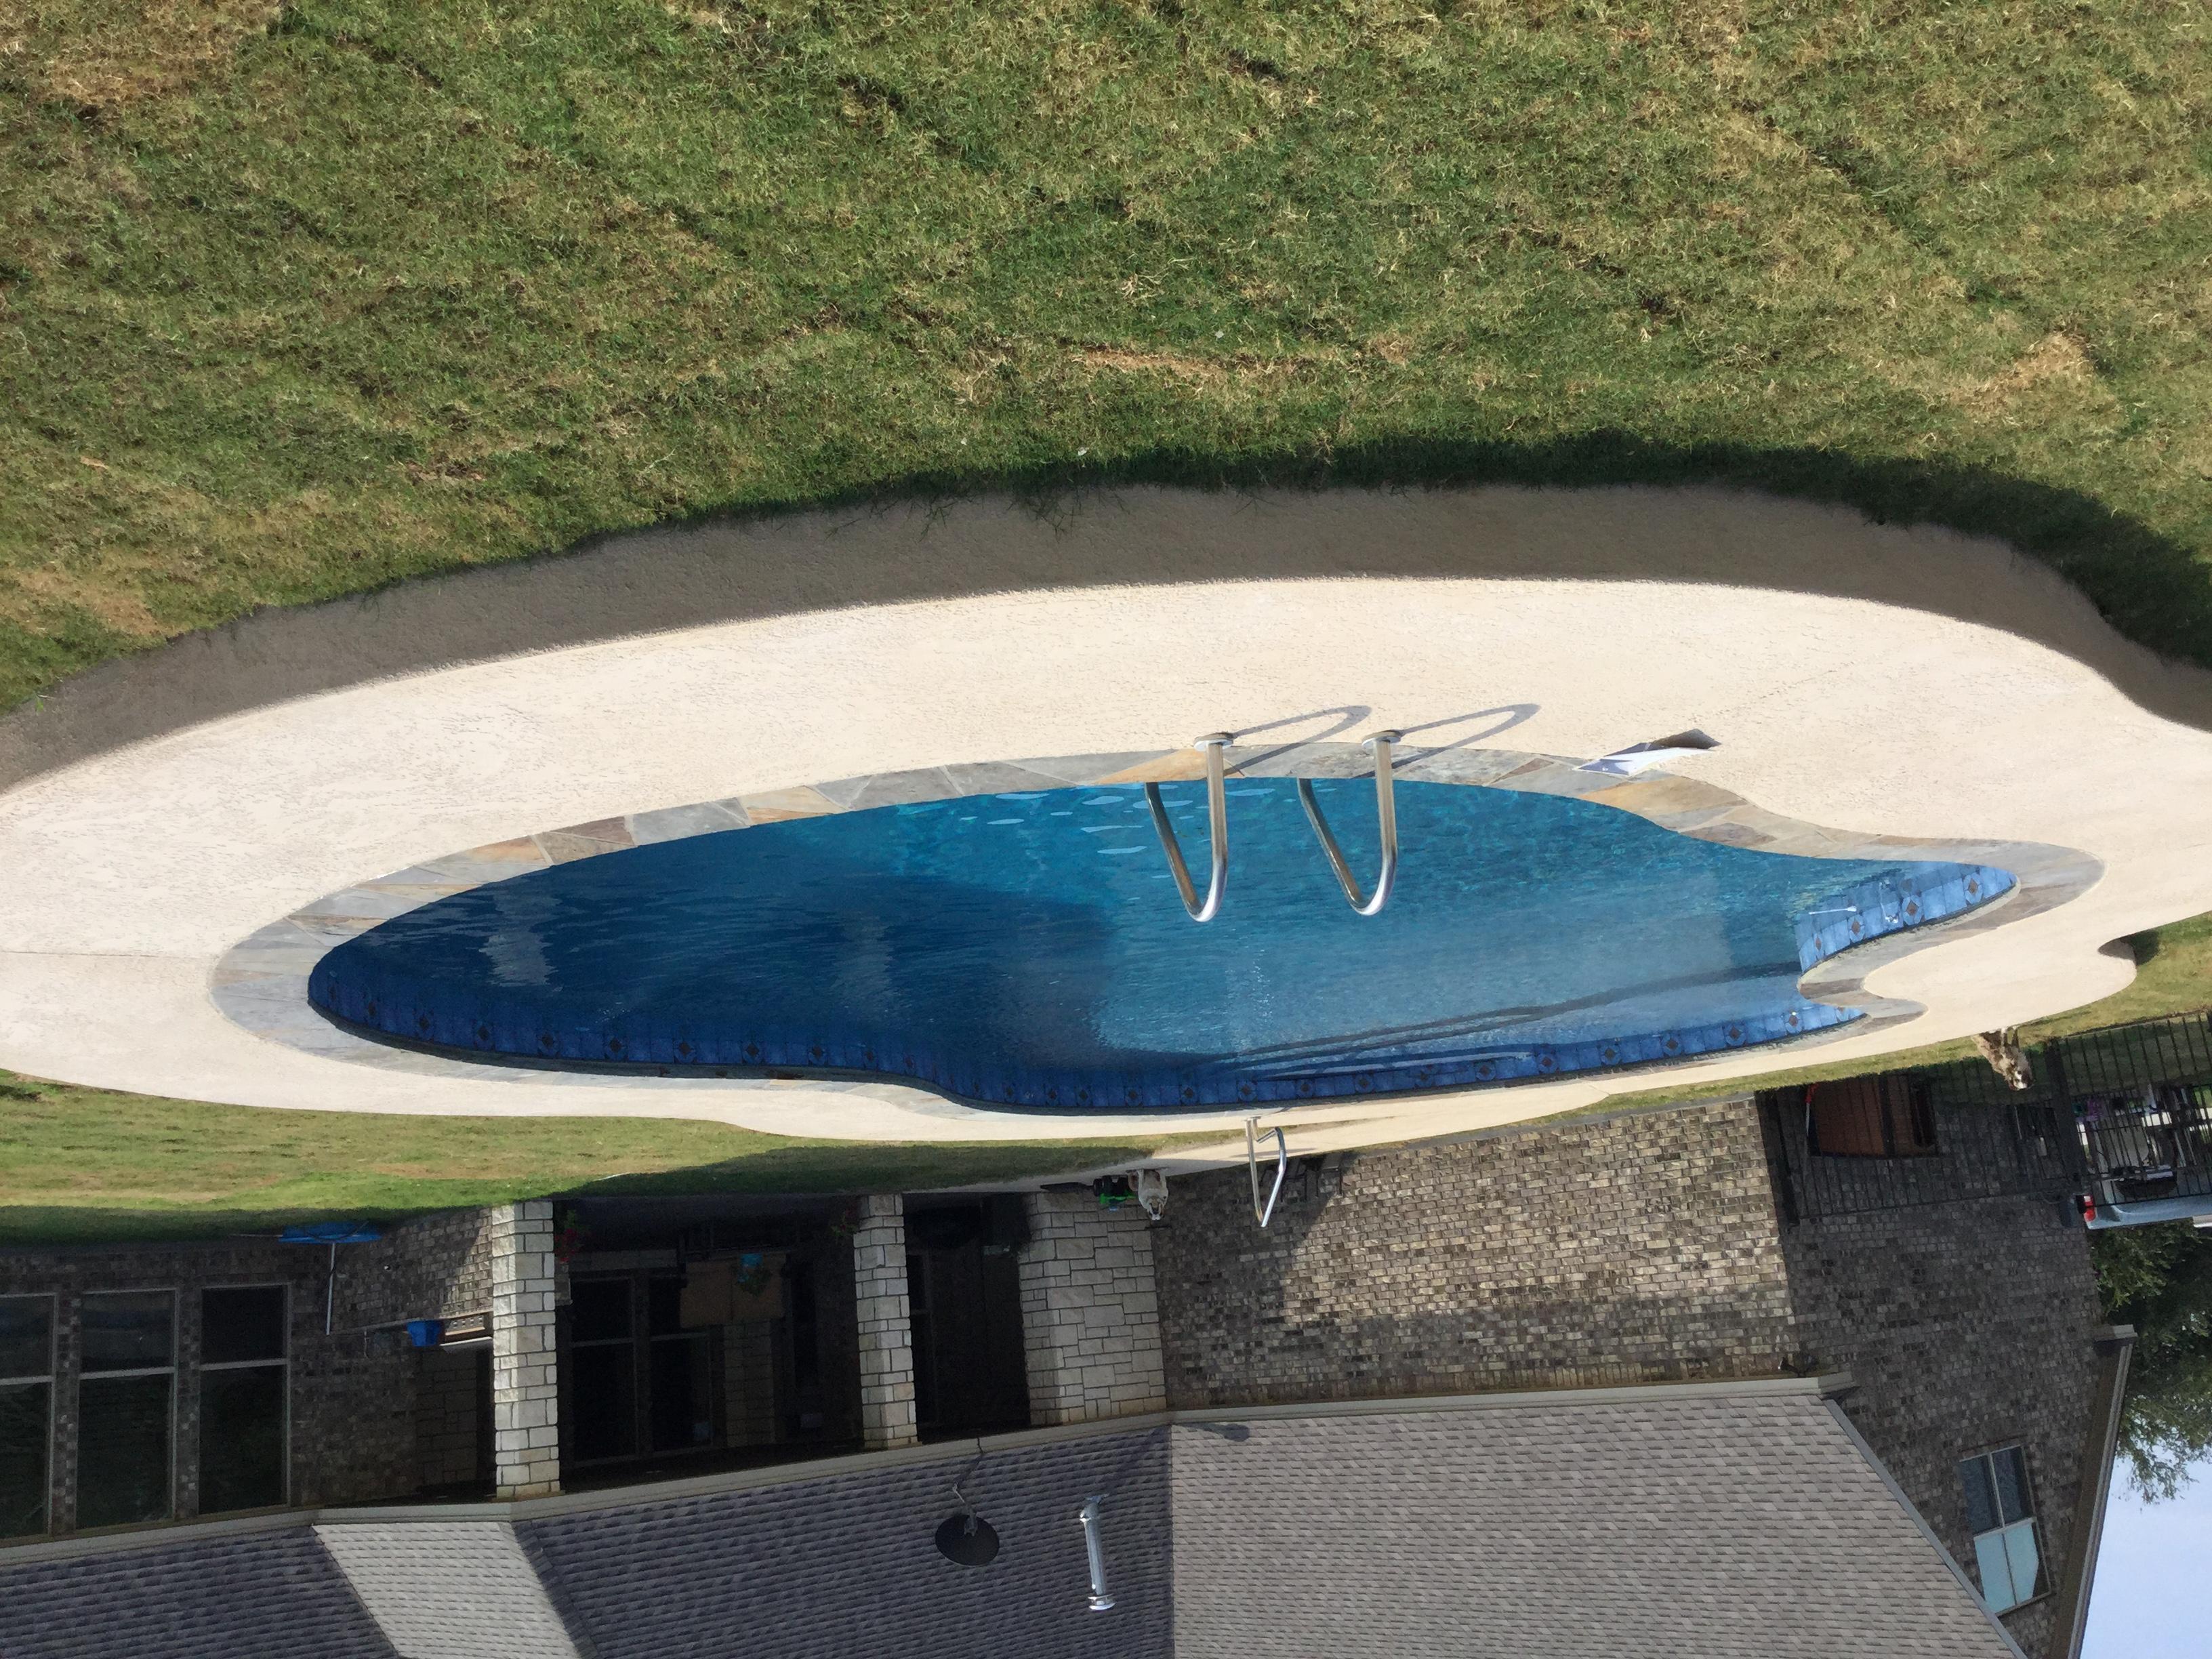 Hatcher Pools In Wichita Falls Tx 76308